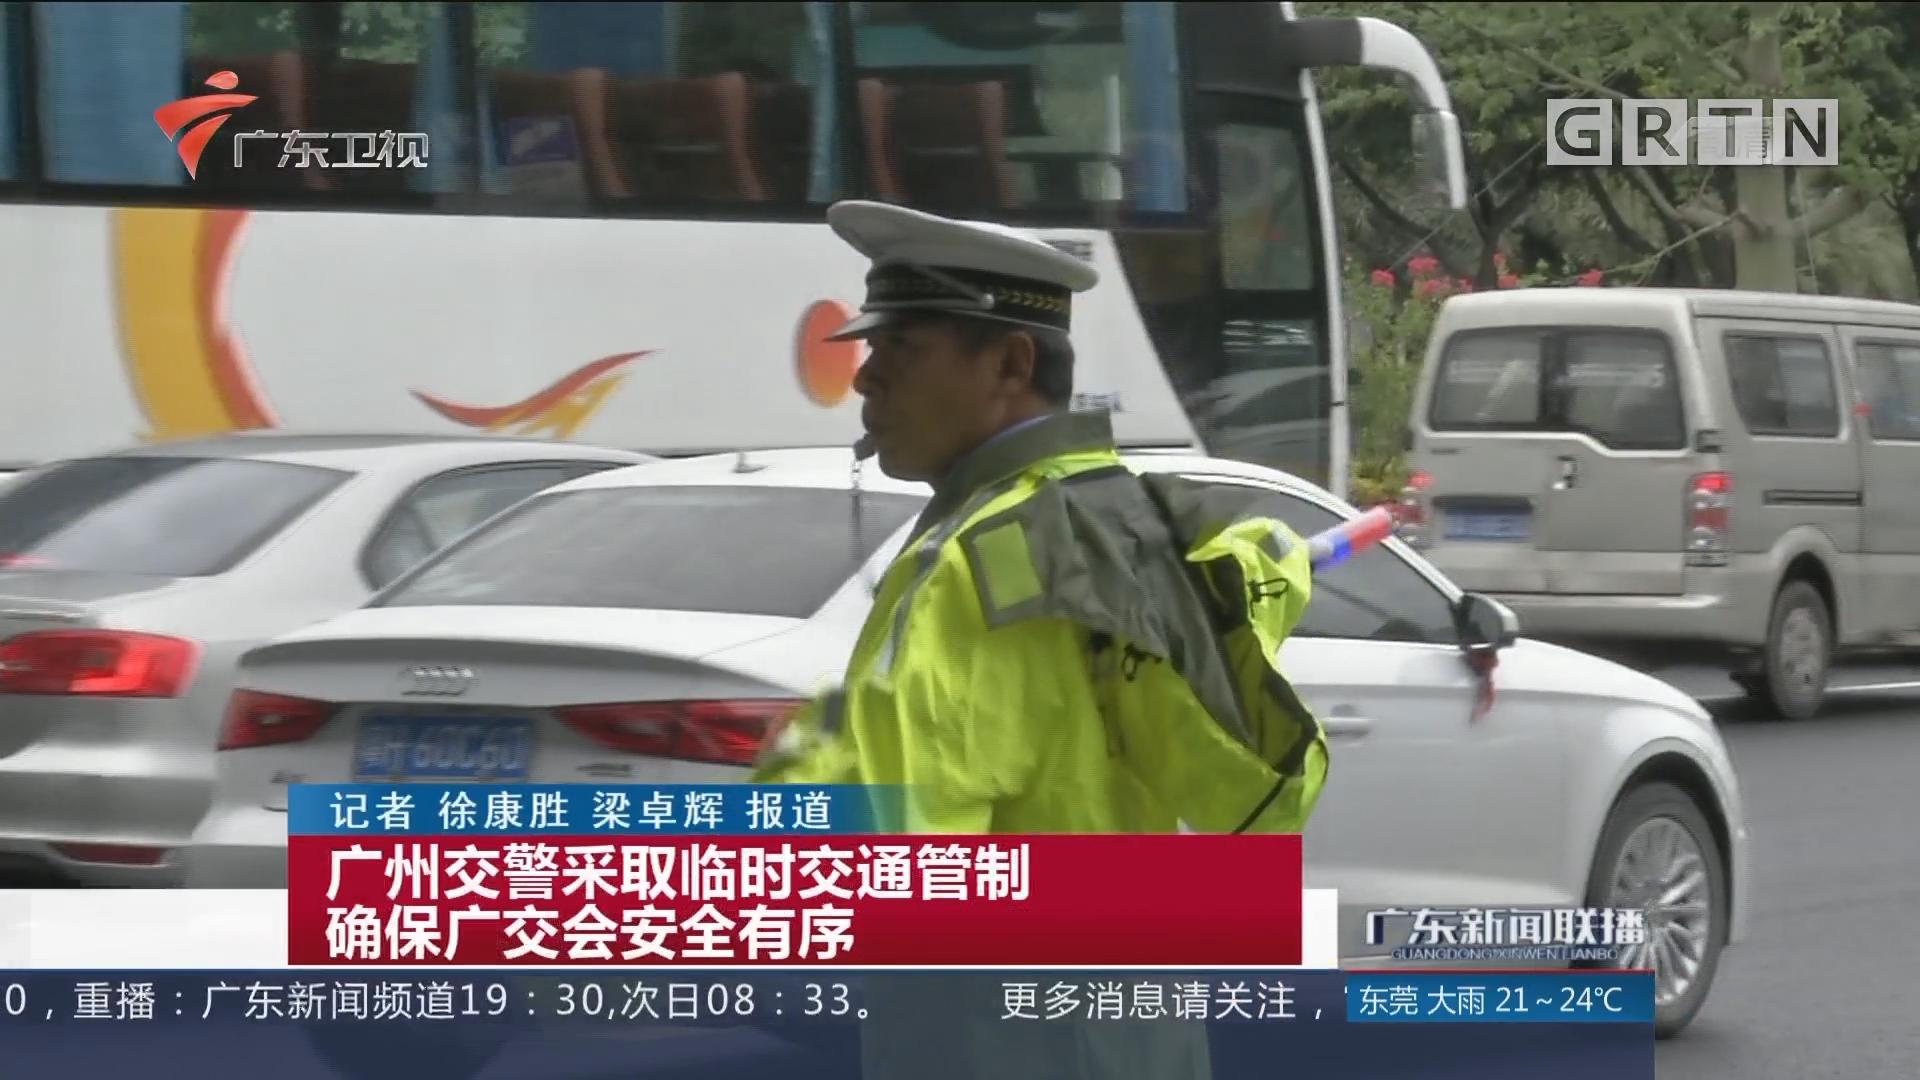 广州交警采取临时交通管制 确保广交会安全有序